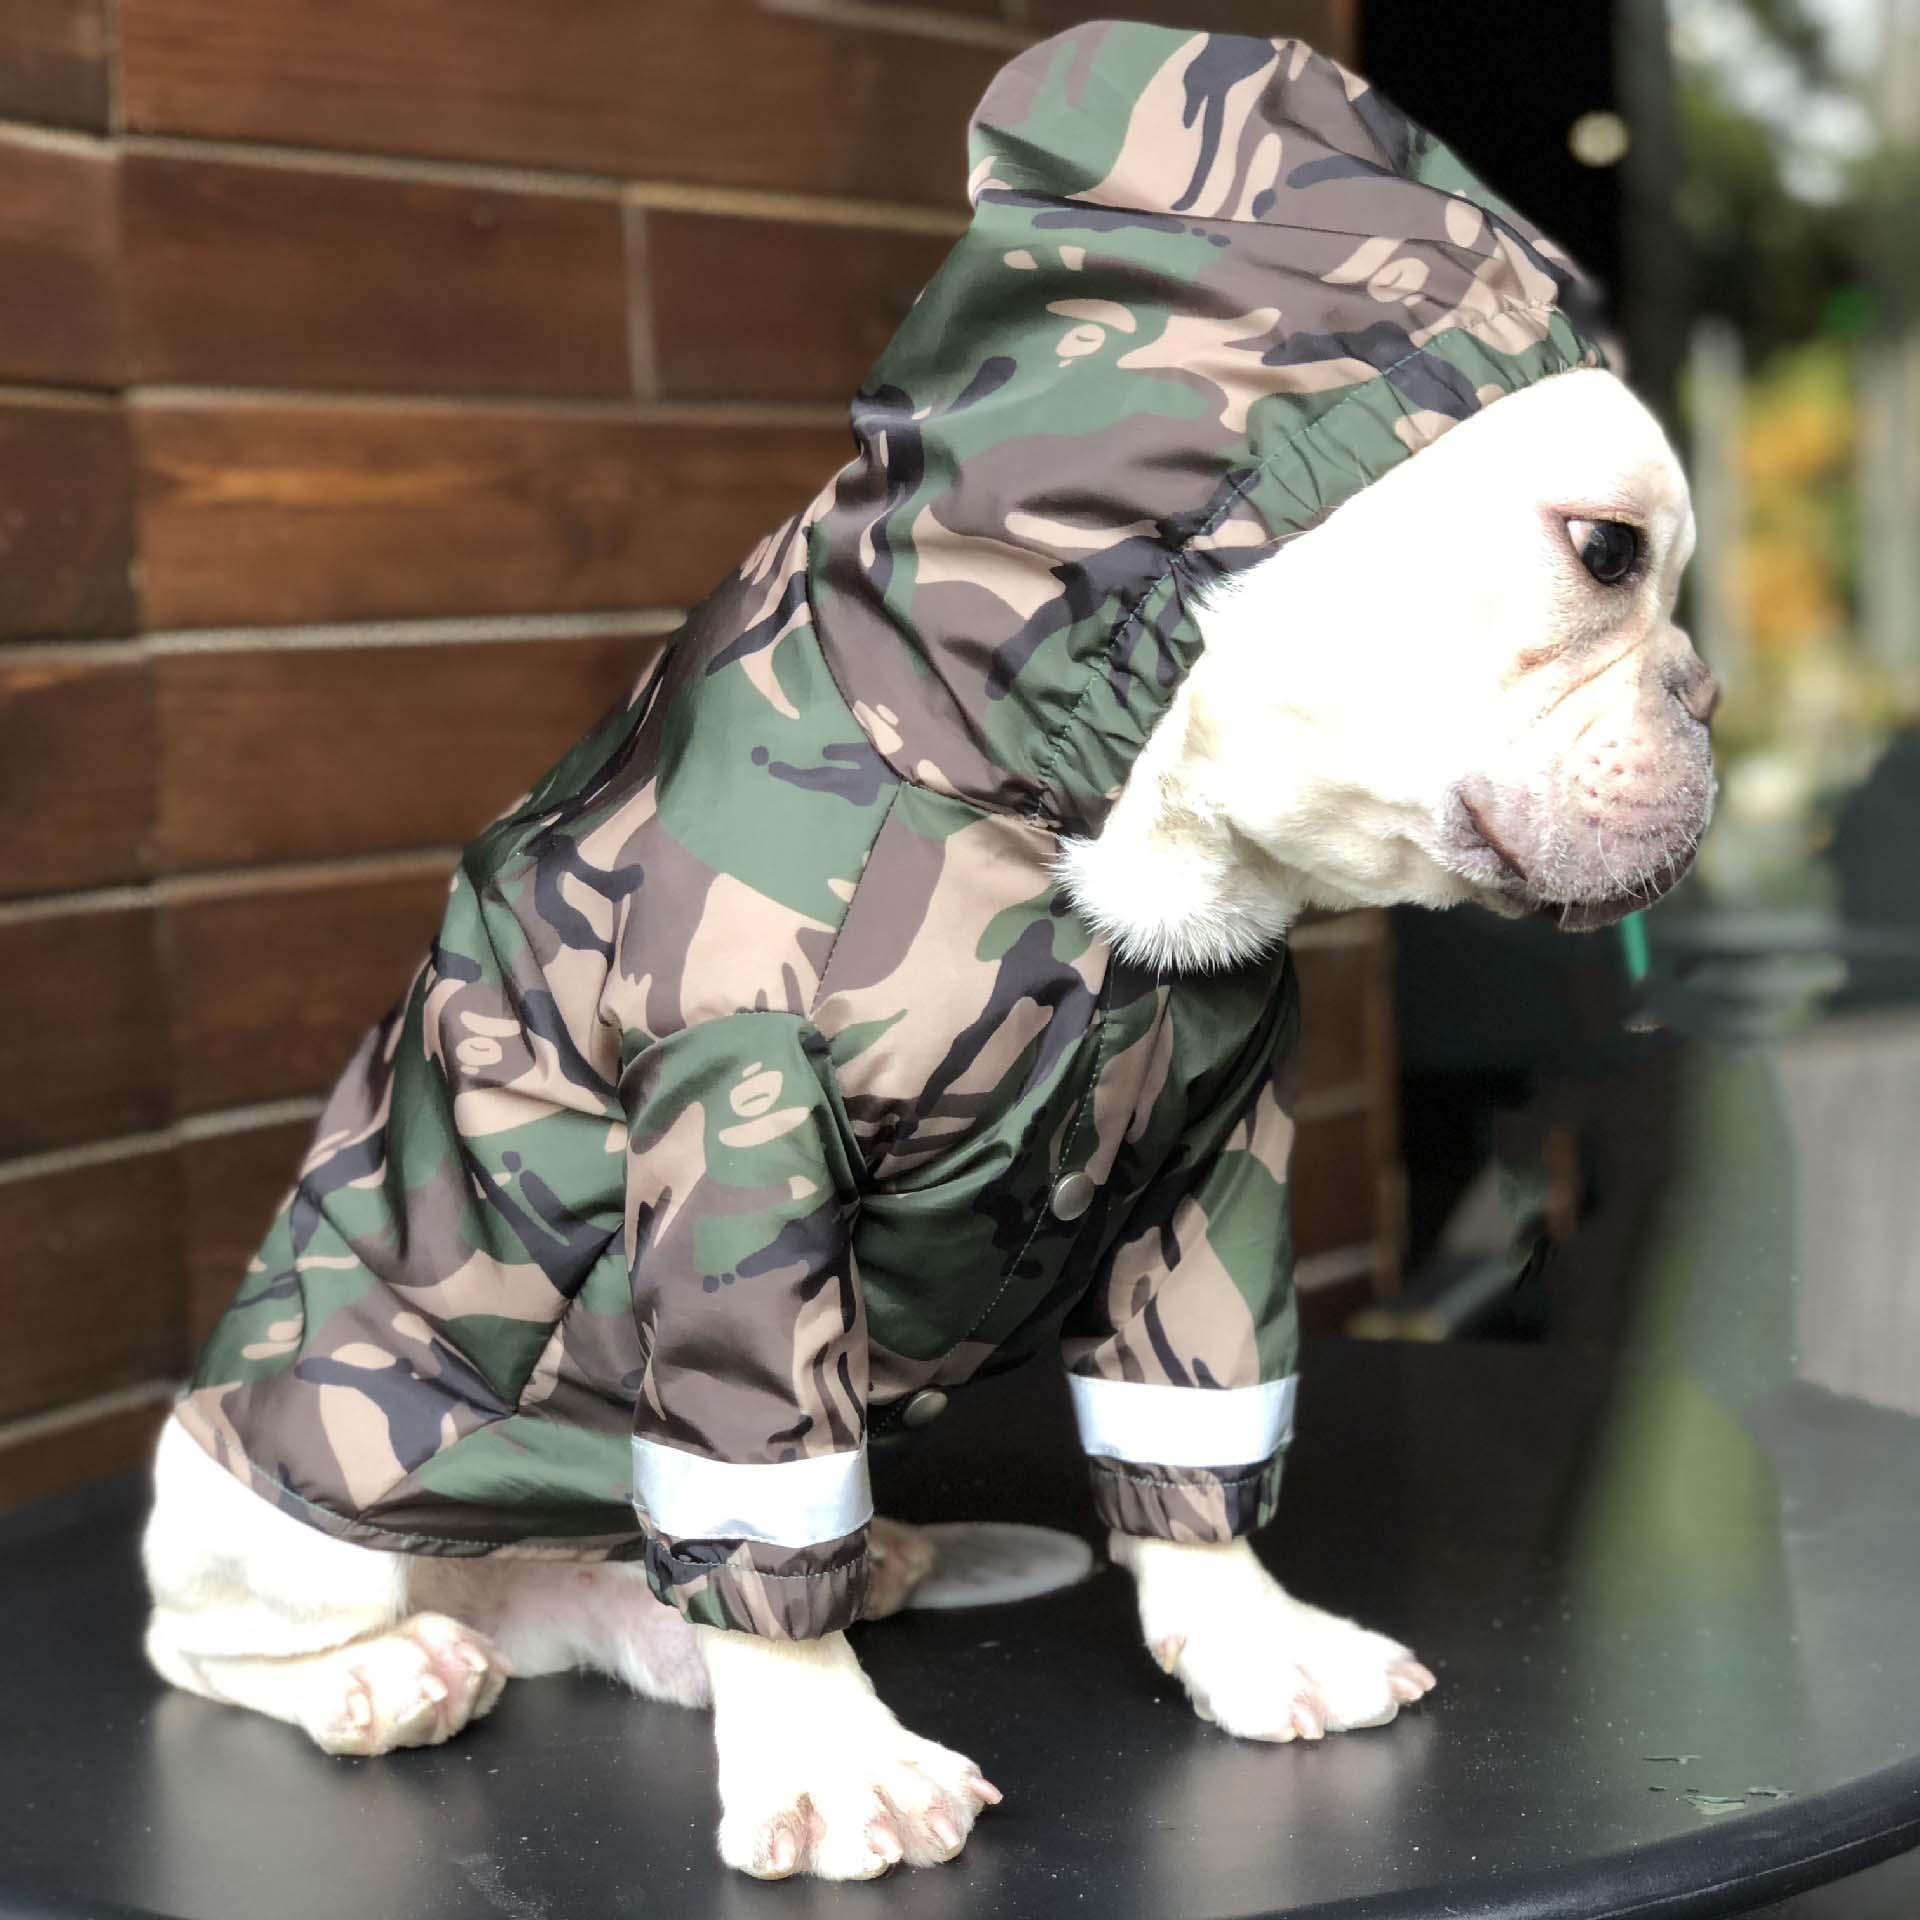 애완 동물 반사 비옷 큰 개 위장 방수 의류 불독 테디 슈나우저 레인 코트 아웃 도어 의류 애완 동물 용품